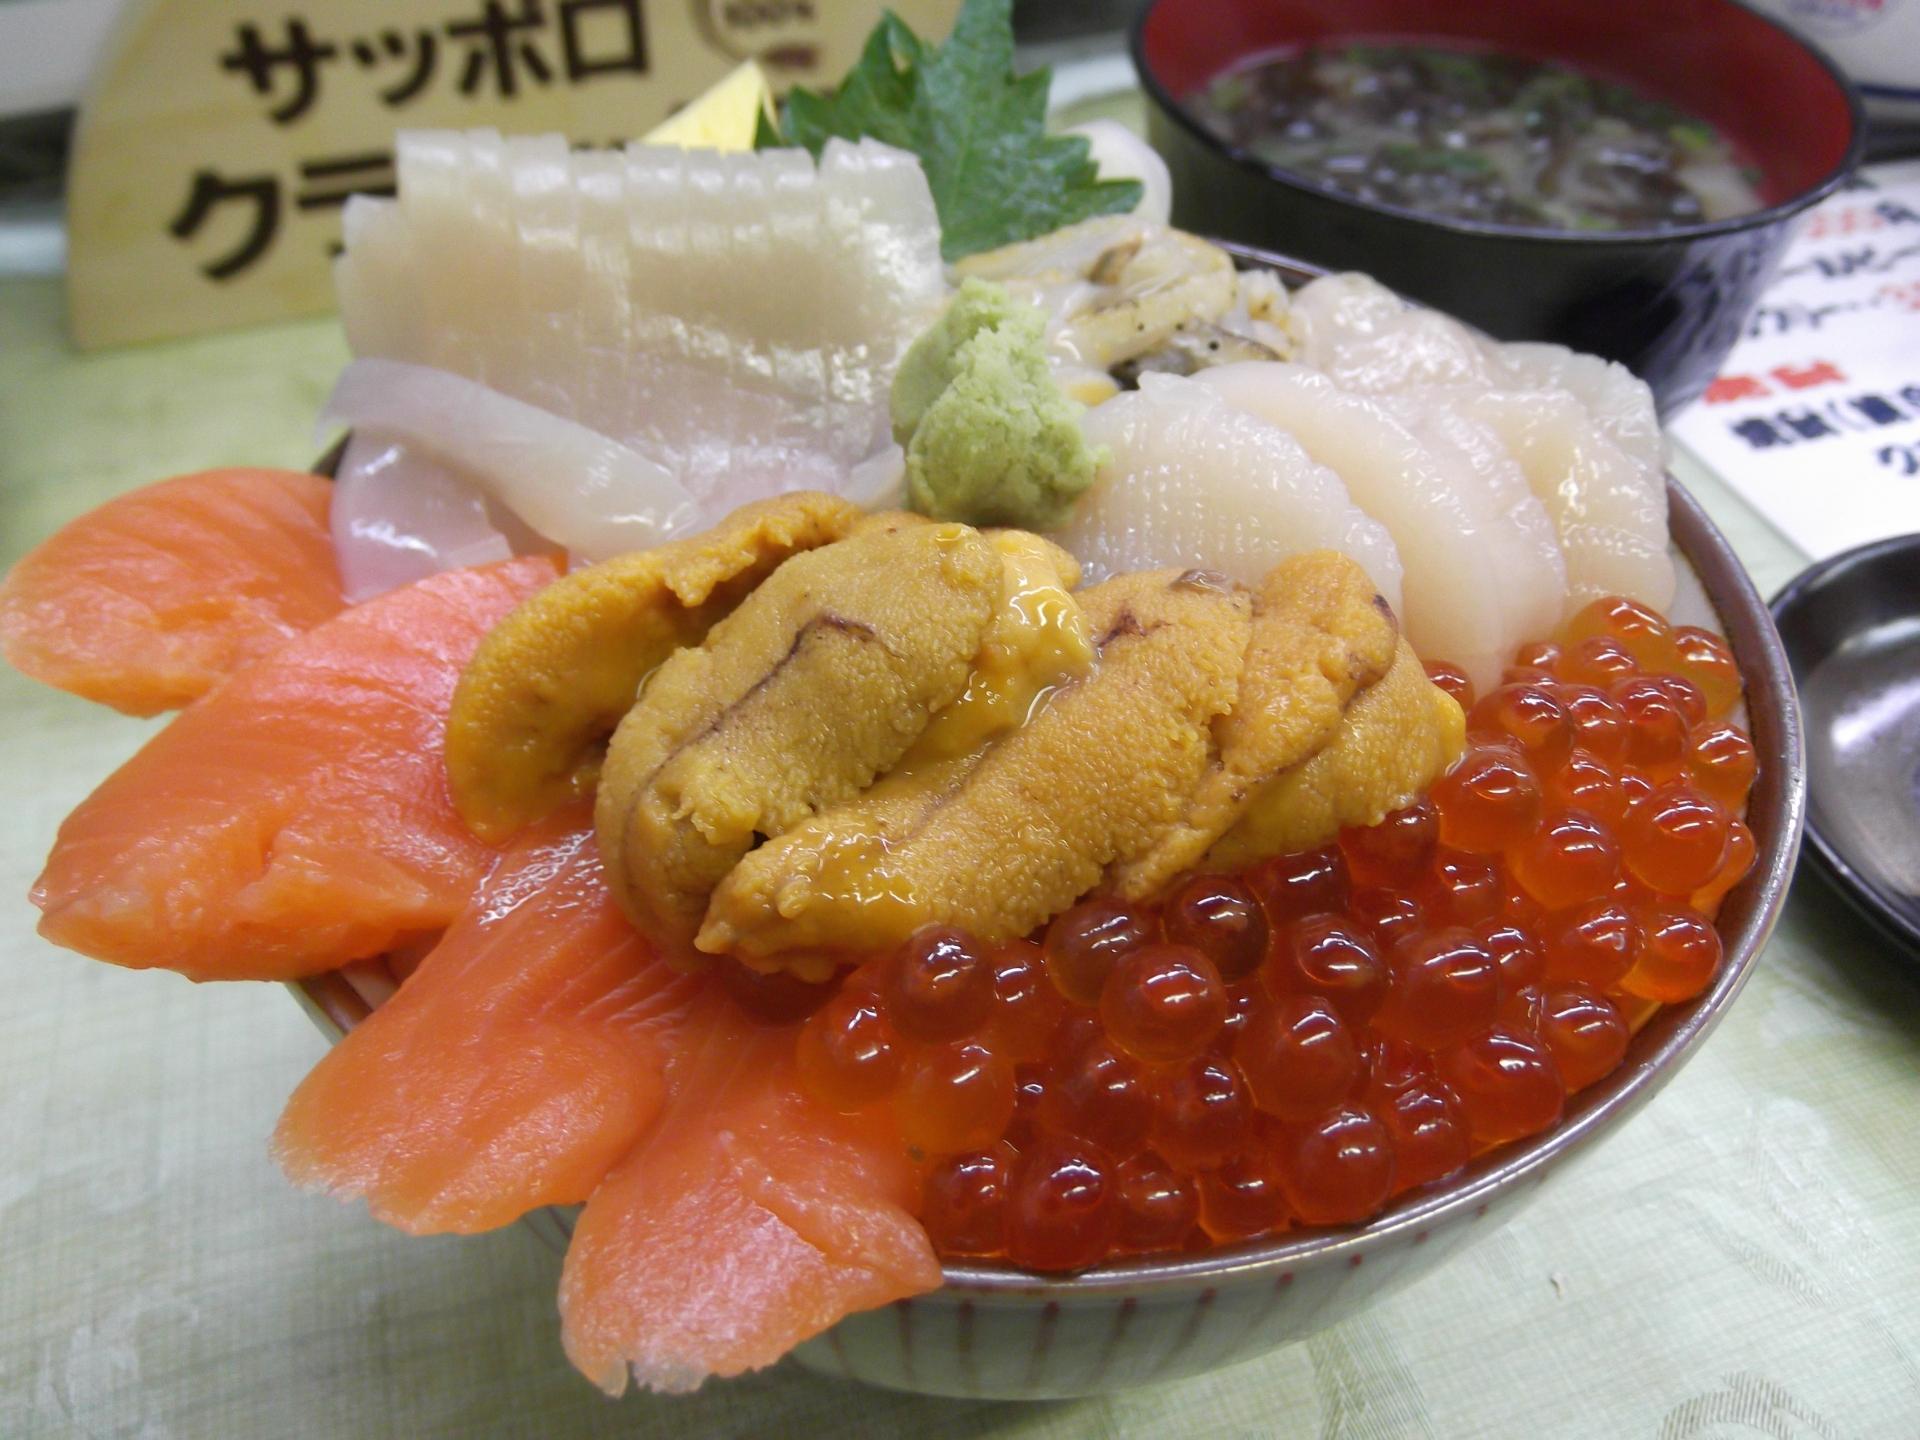 銚子の海鮮丼ランキング!安い&美味しい店やデカ盛りで人気の店など!